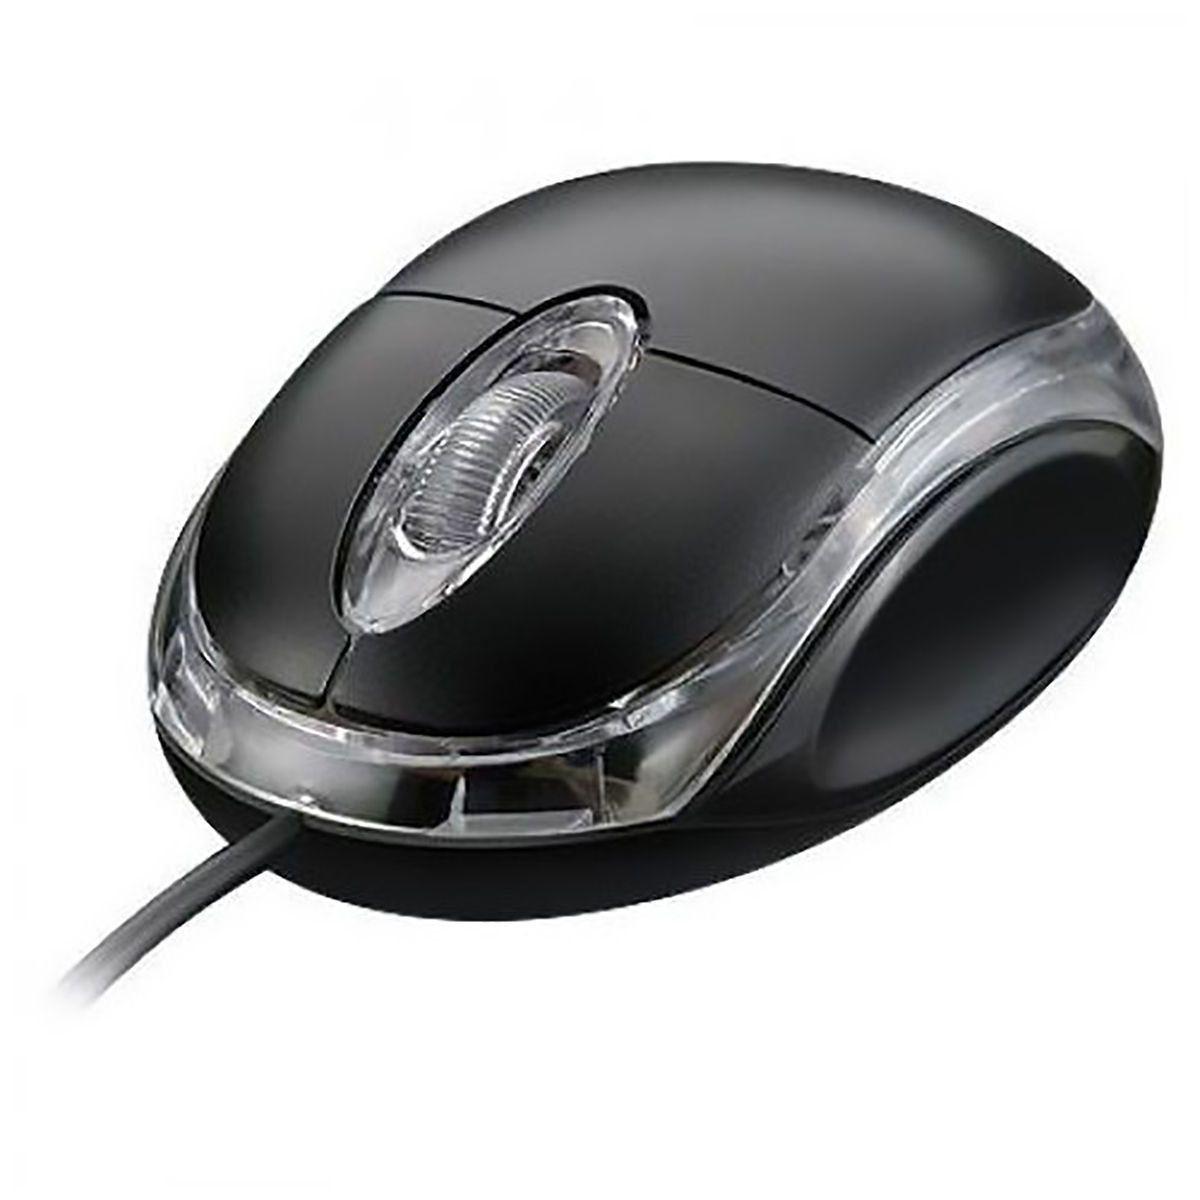 Mini Mouse Com Fio USB 1000dpi Óptico Borda Transparente com LED Exbom MS-10 / MS-9 Preto